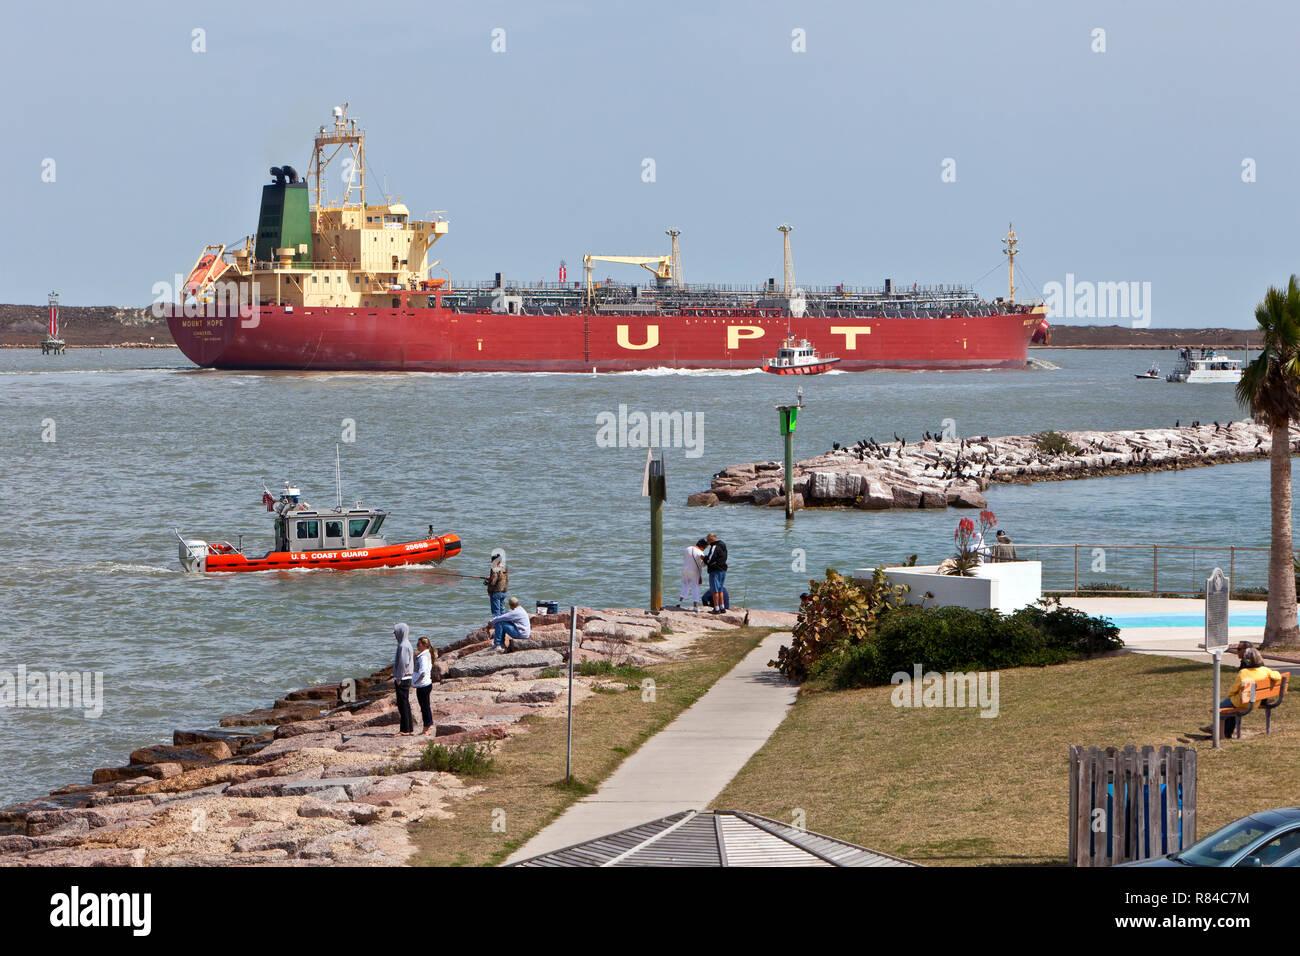 """Los líquidos a granel cisterna Esperanza"""", """"montaña de la UPT maniobrar Corpus Christi Canal de Envío, Puerto Piloto, U. S. Coast Guard. Imagen De Stock"""